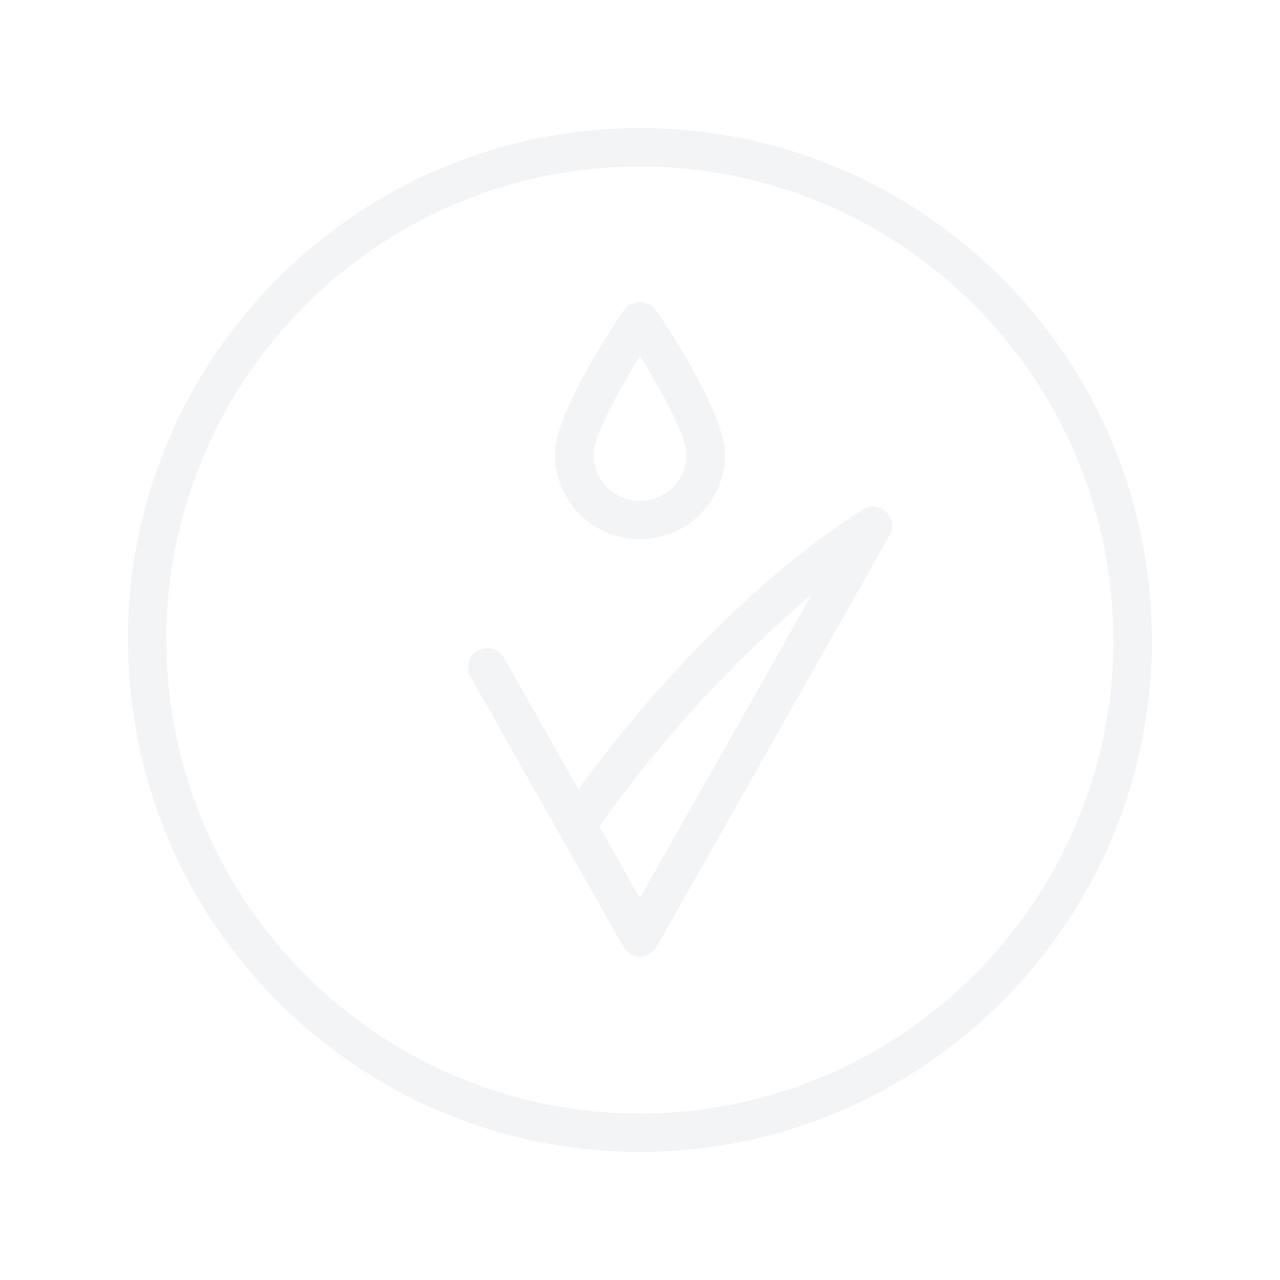 Thierry Mugler Angel Roll-On Deodorant 50ml